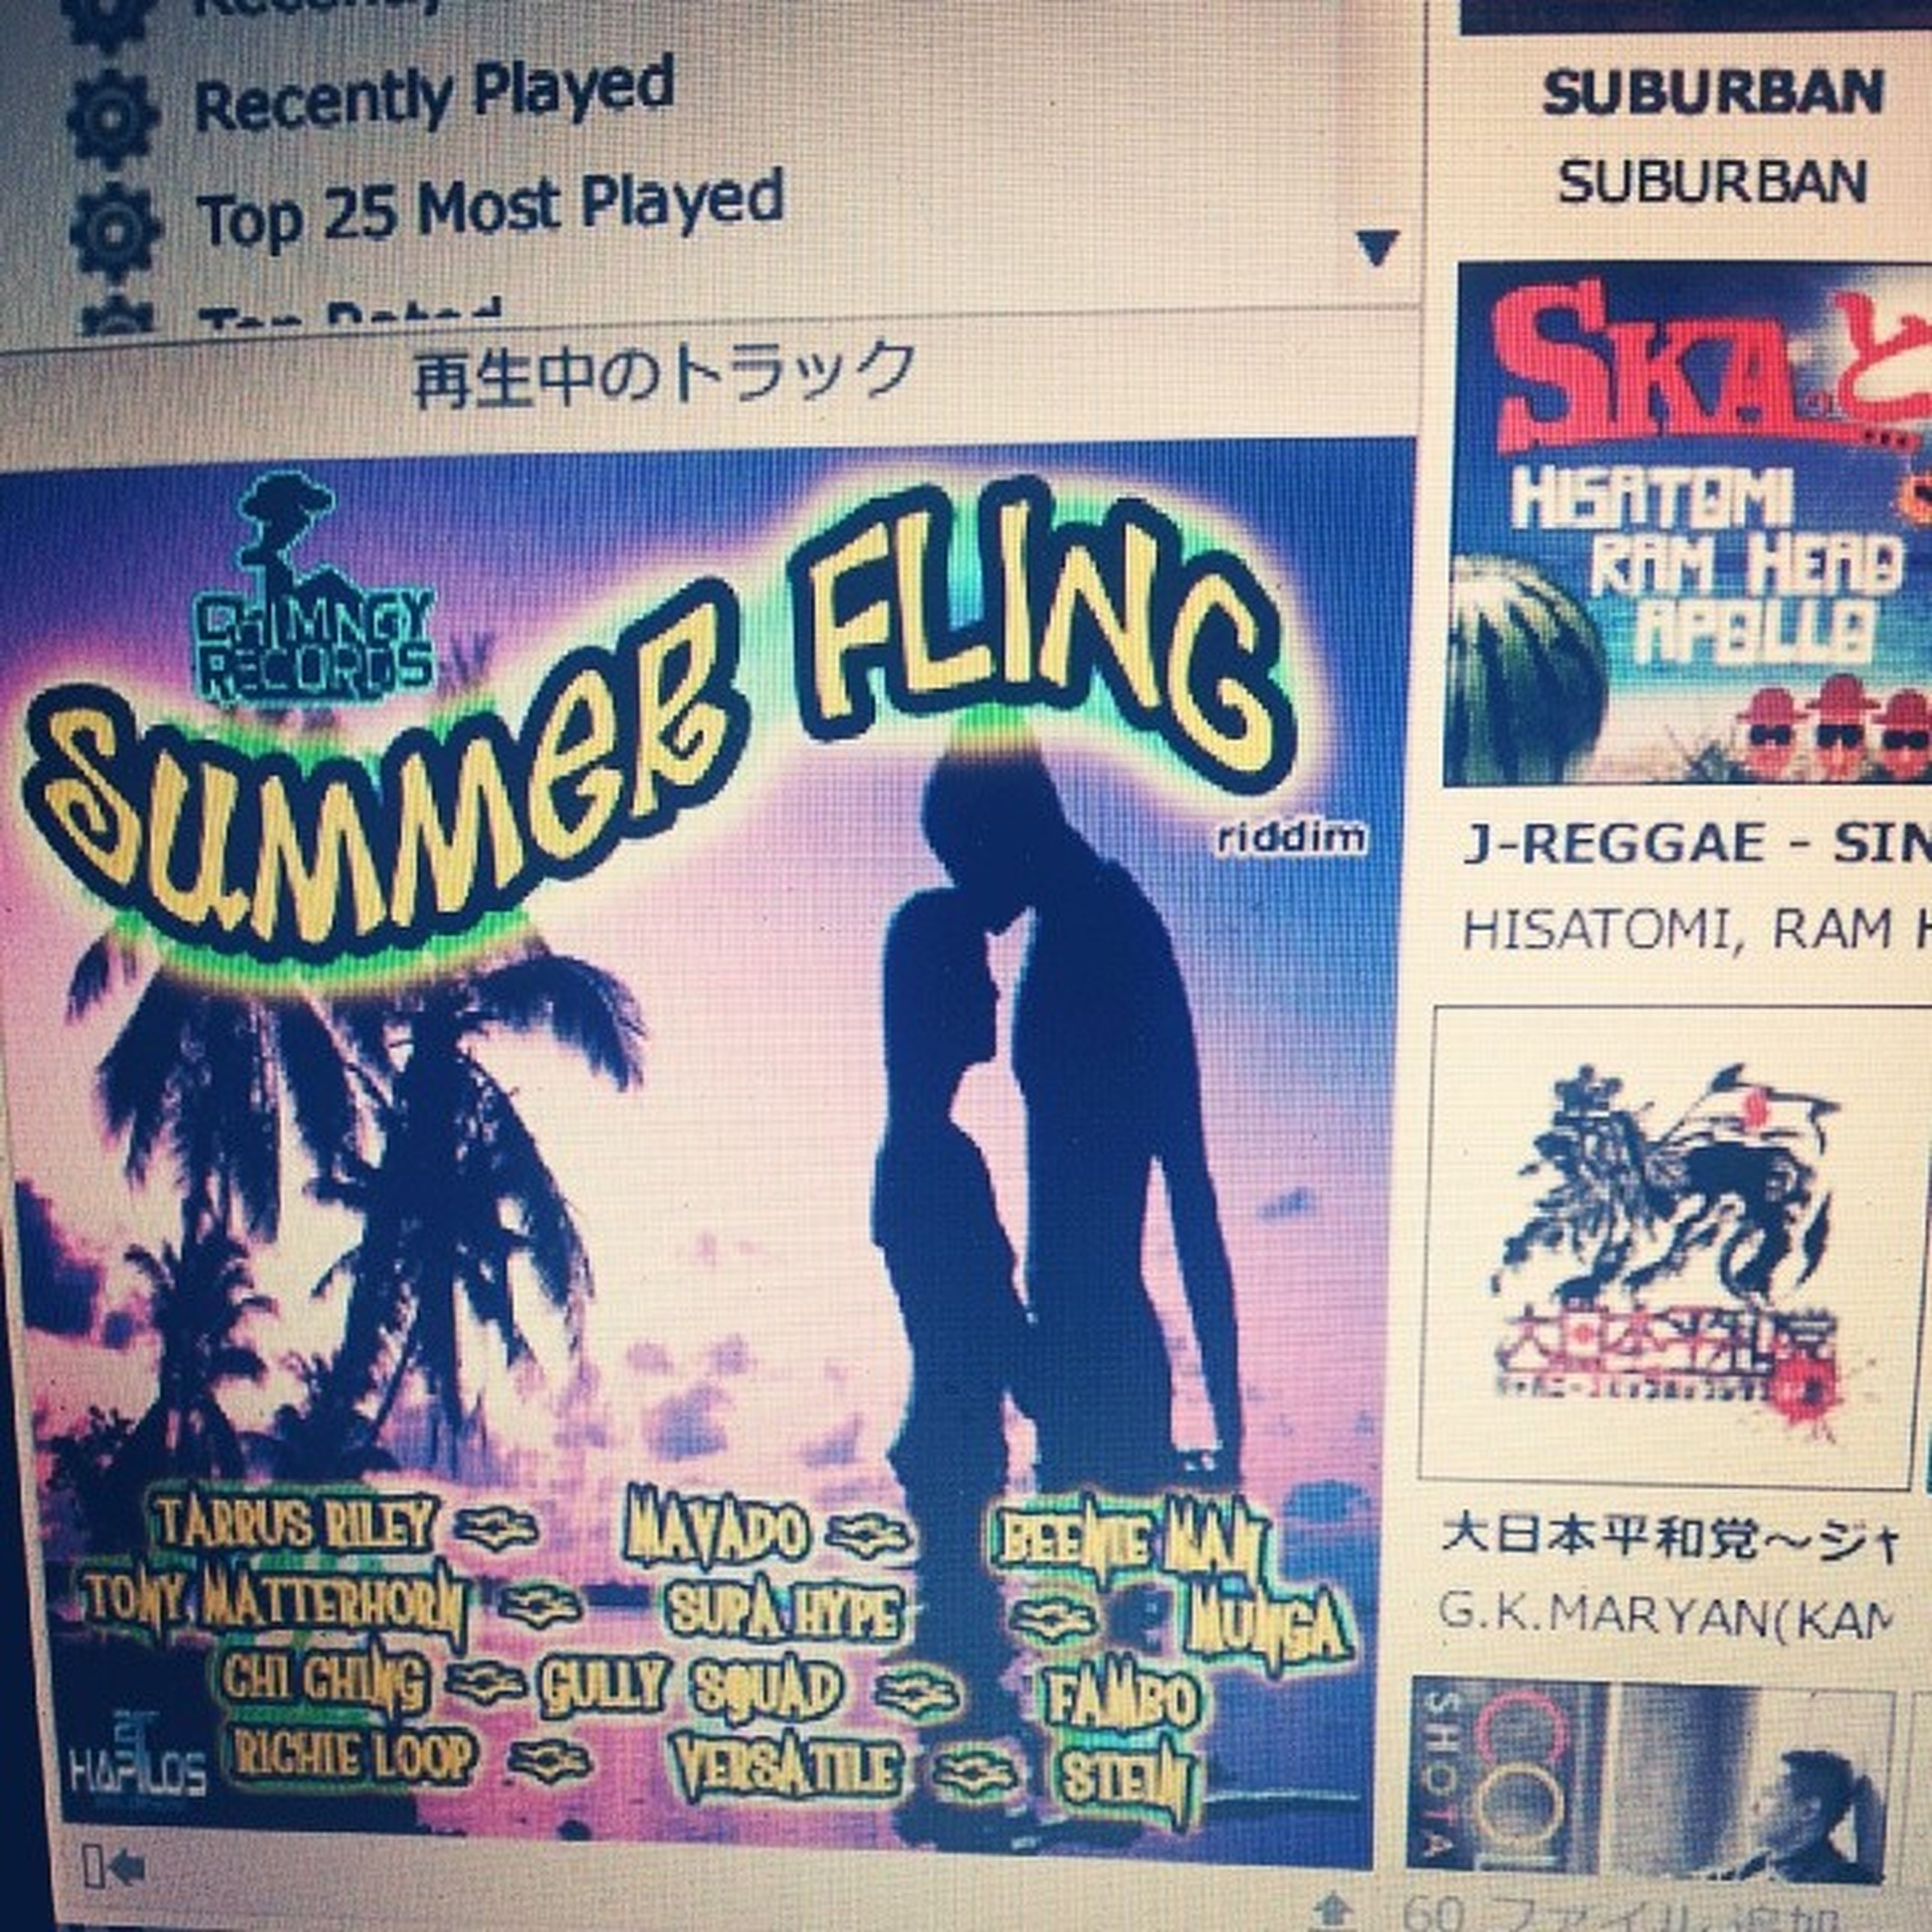 これ聴いたら夏が恋しい Summer_fling_riddim Chimney_records Dancehall 2011